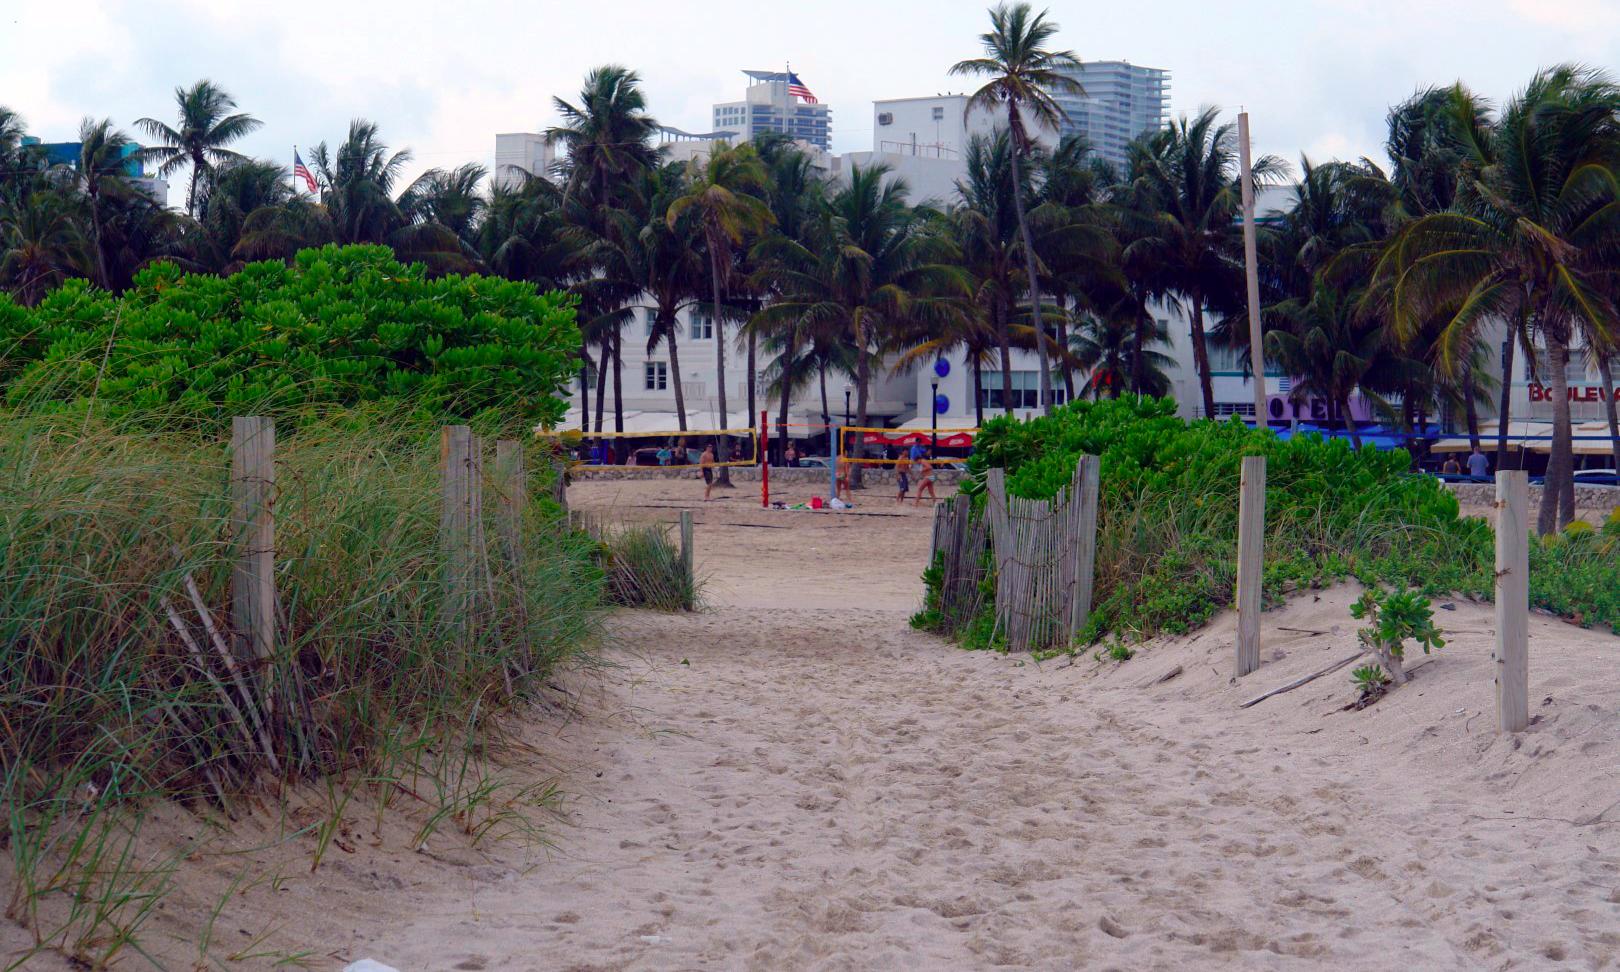 Qué hacer y ver en Miami, Florida Qué hacer y ver en Miami Qué hacer y ver en Miami 31344978066 1d900f0f85 o